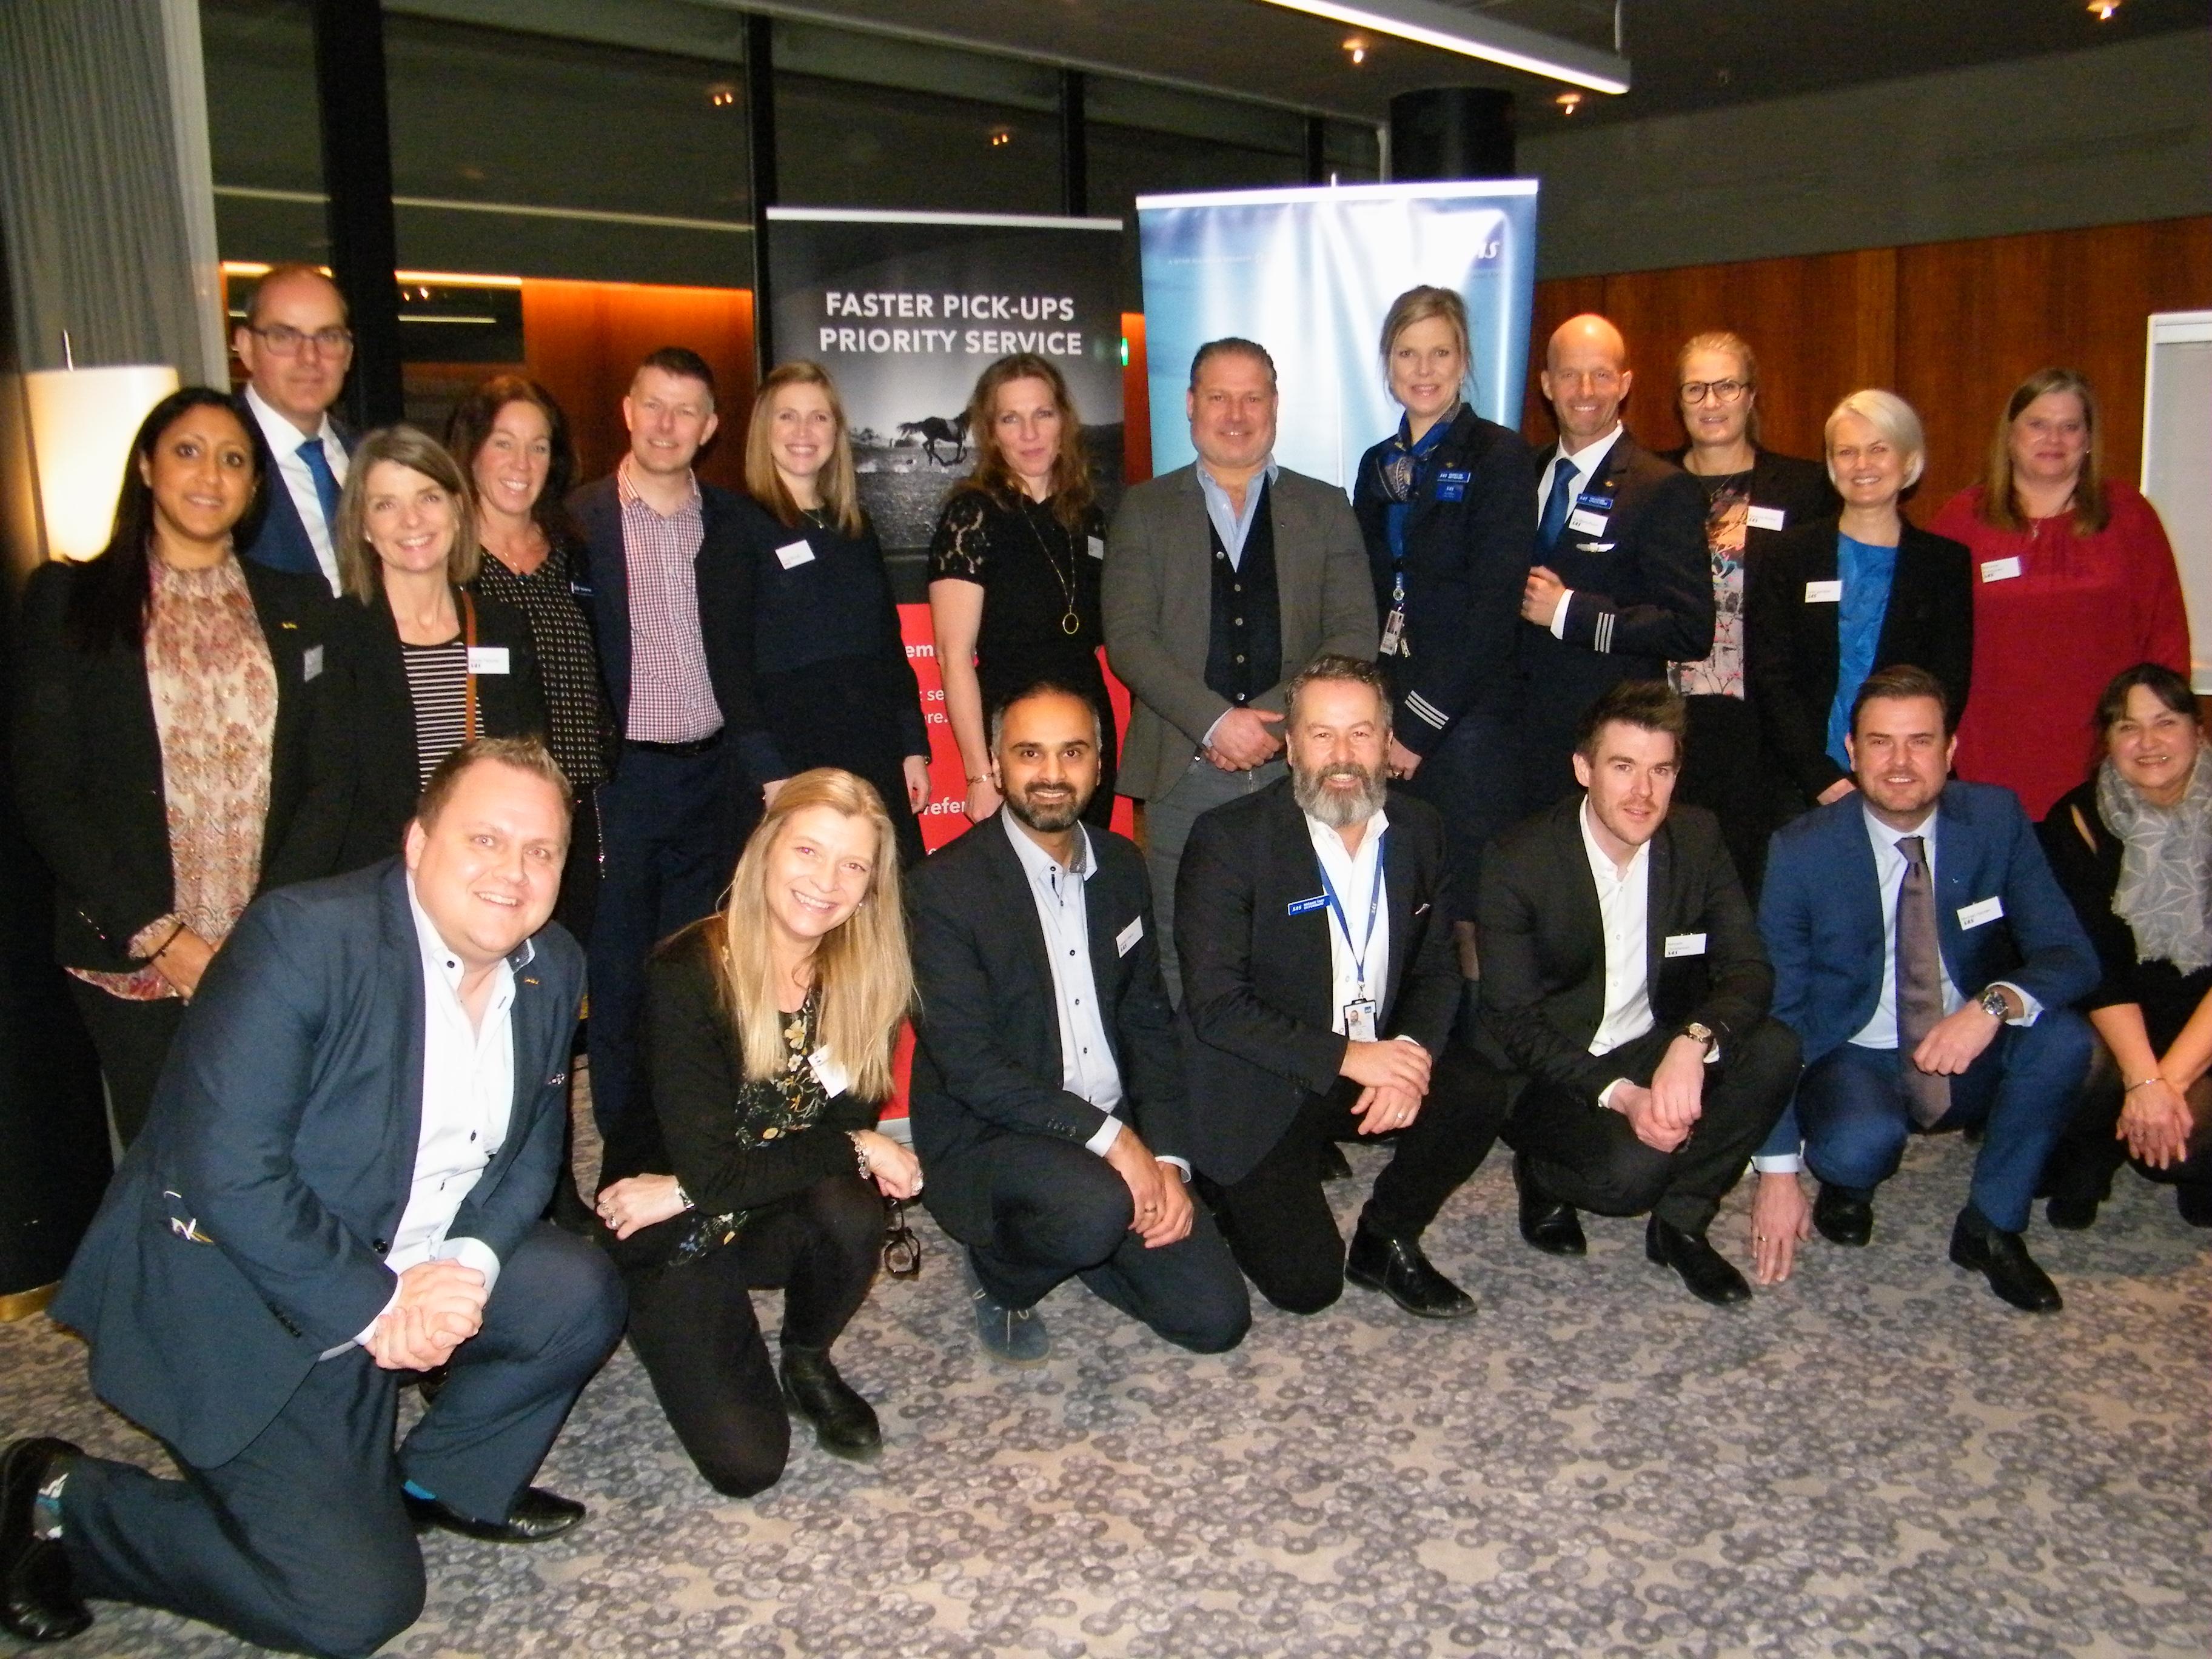 Hovedparten af deltagerne fra SAS, Radisson SAS og Avis Biludlejning ved speeddating-arrangementet i går.